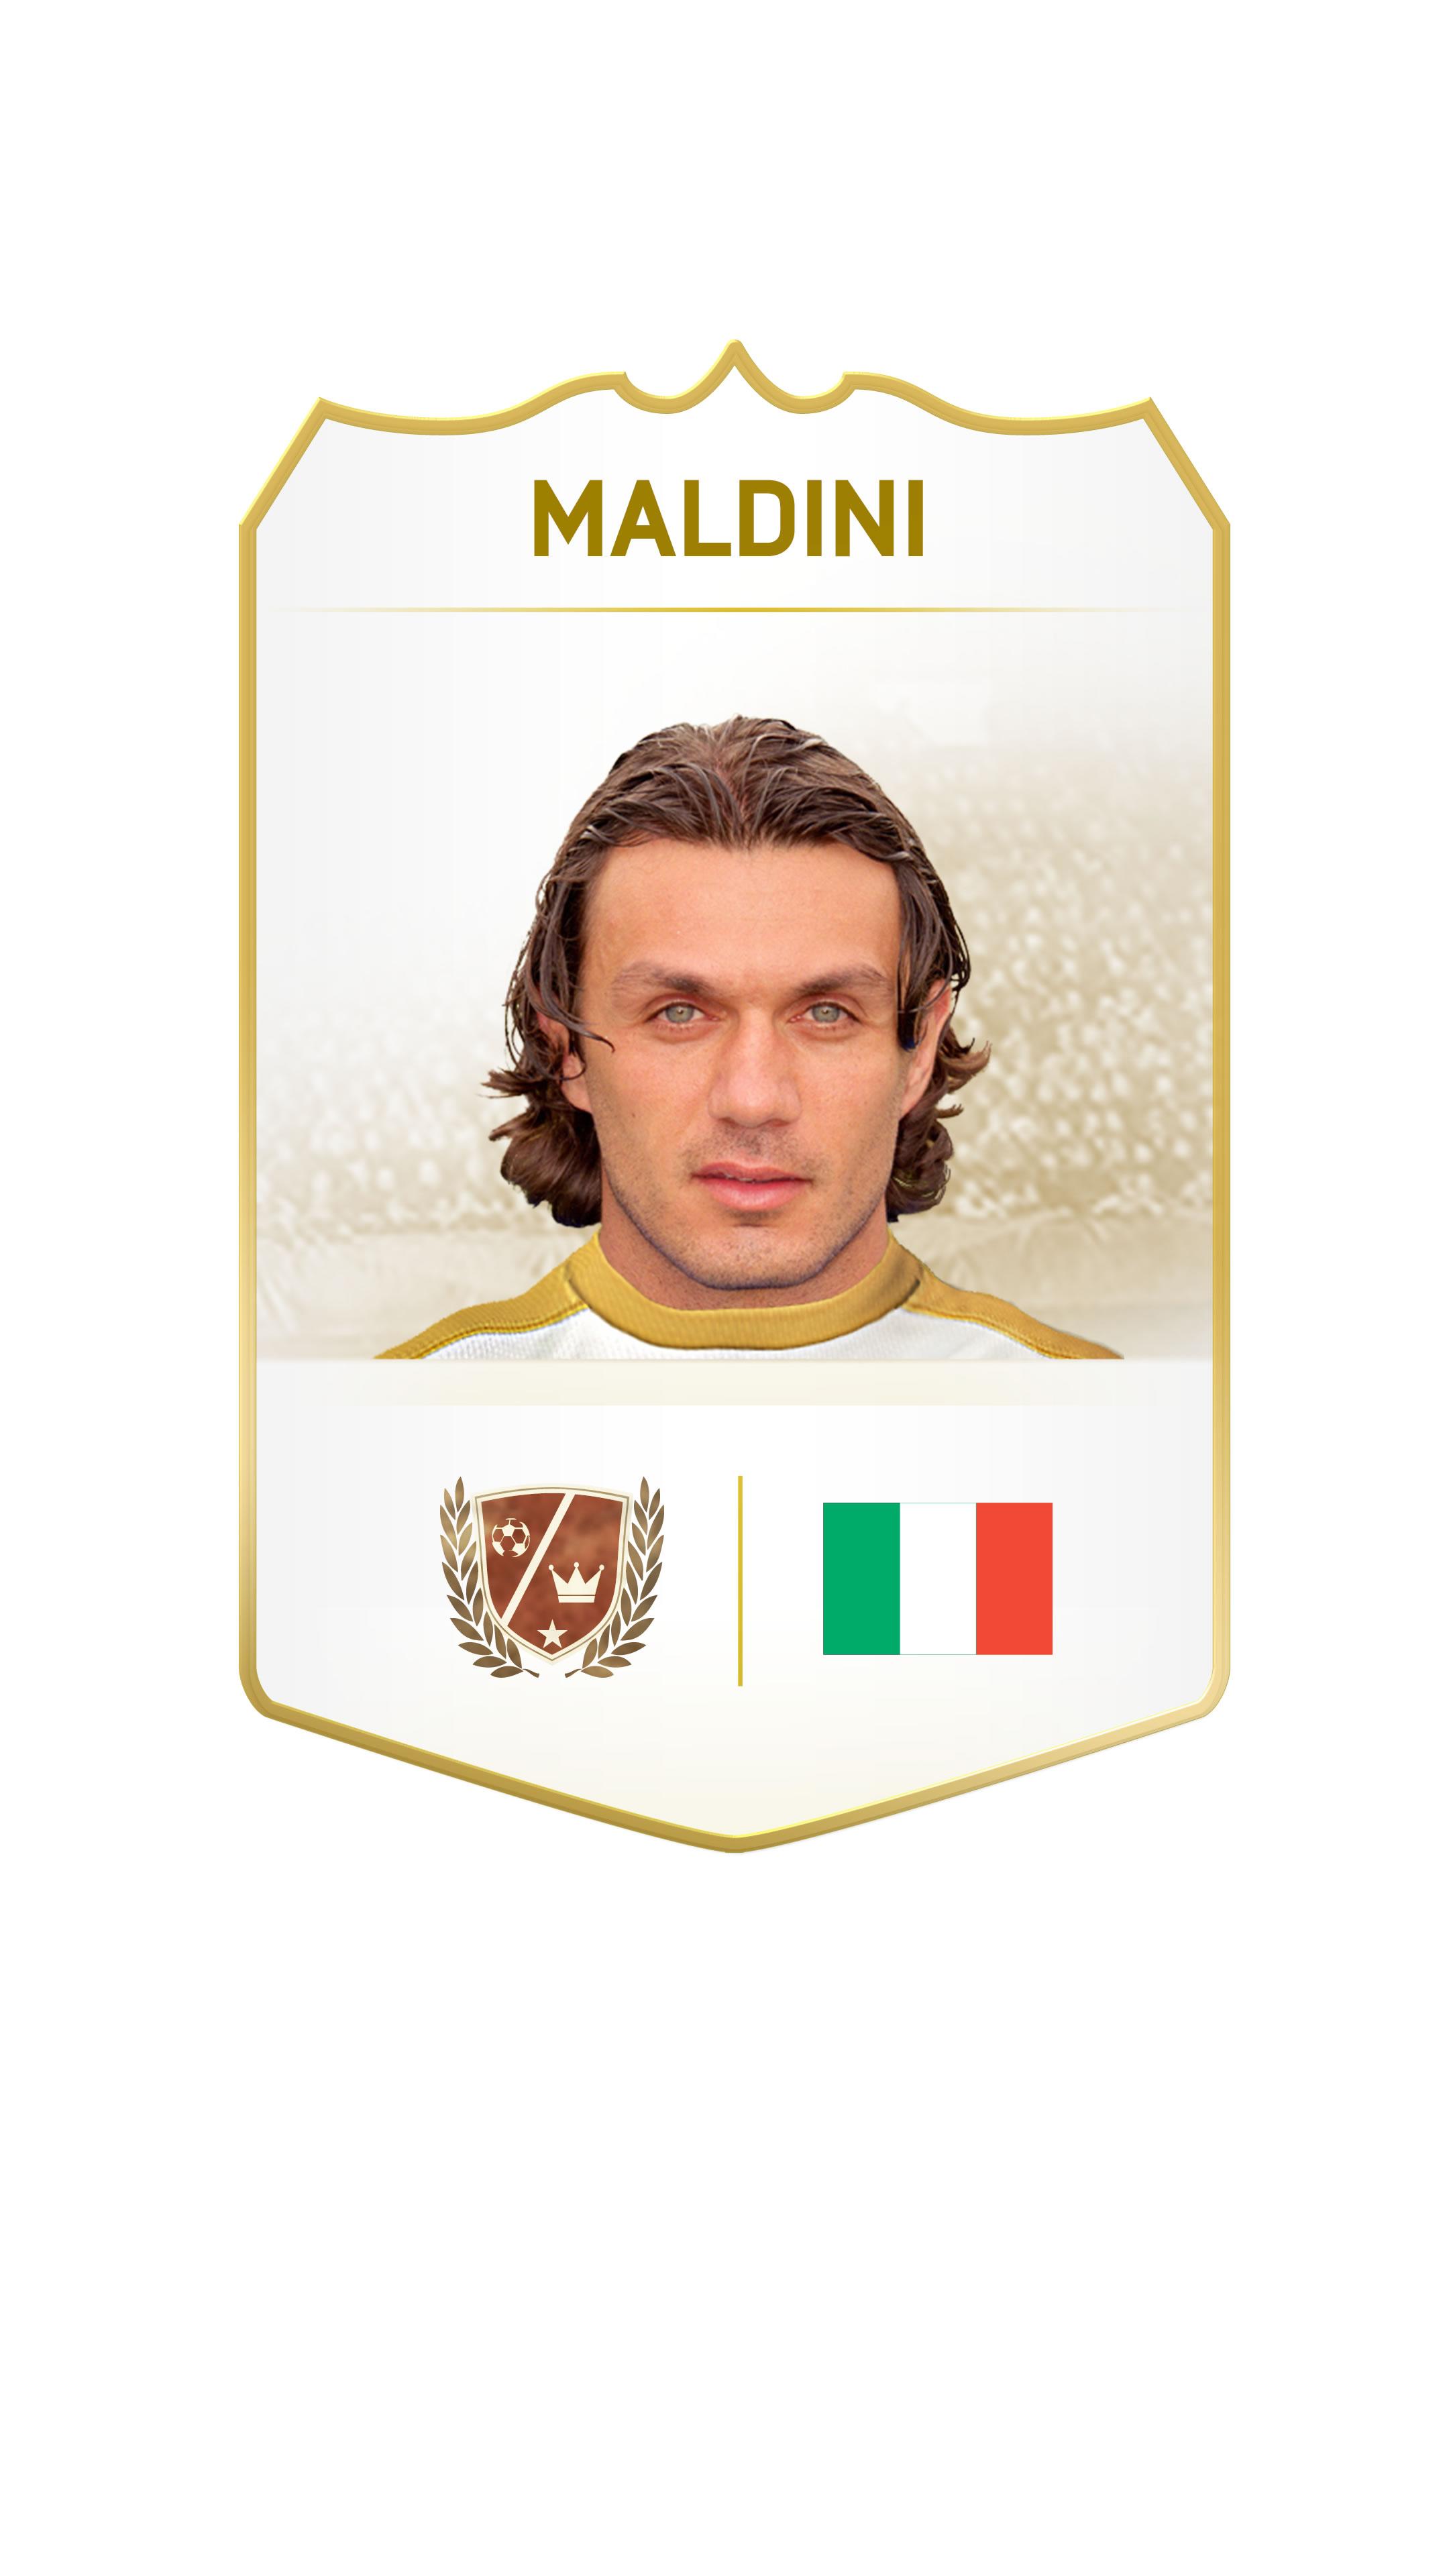 Obrázky z next-gen verze FIFA 14 ukazují FUT Legends a vymazlenější grafiku 89209